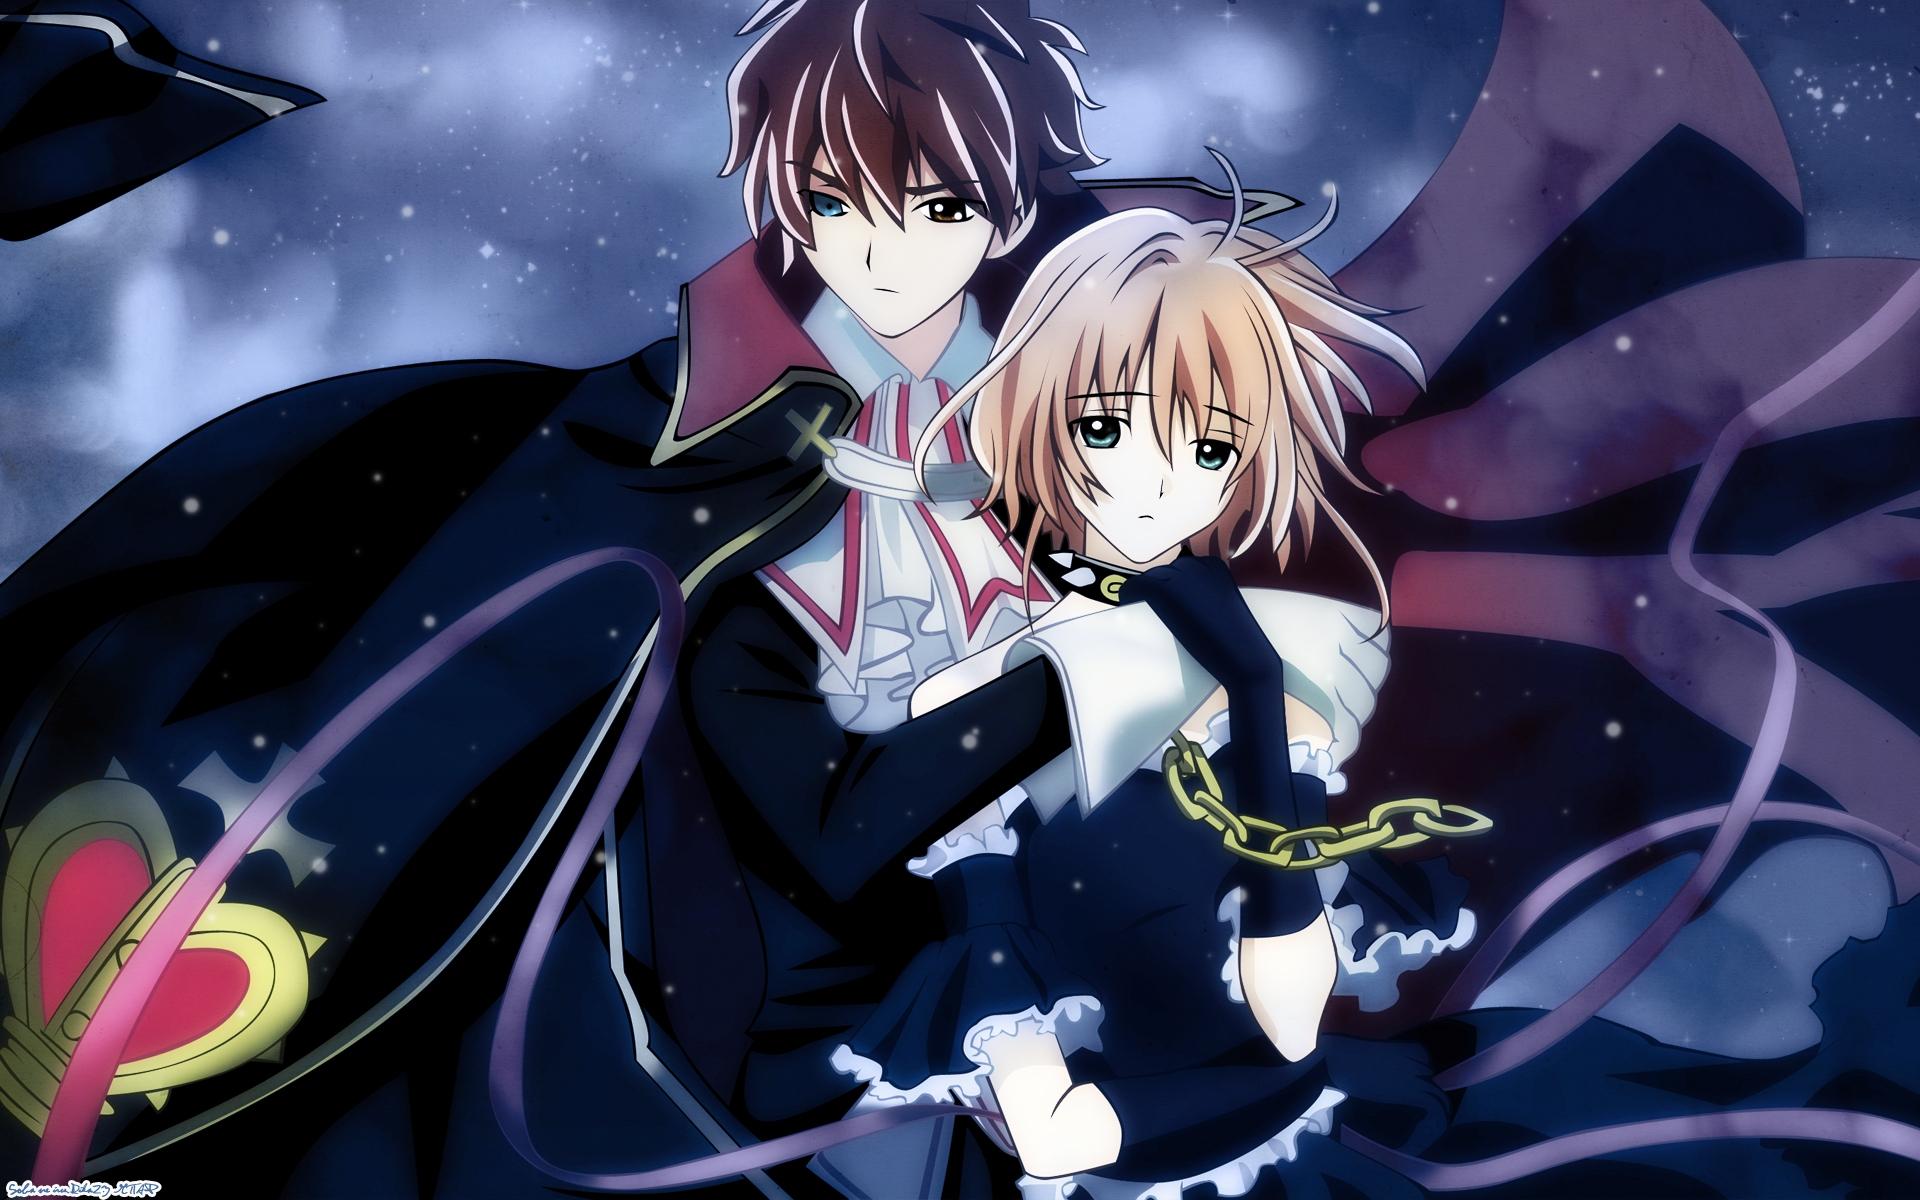 Wallpaper : illustration, night, anime, artwork, Tsubasa Reservoir Chronicle, boy, girl, embrace ...